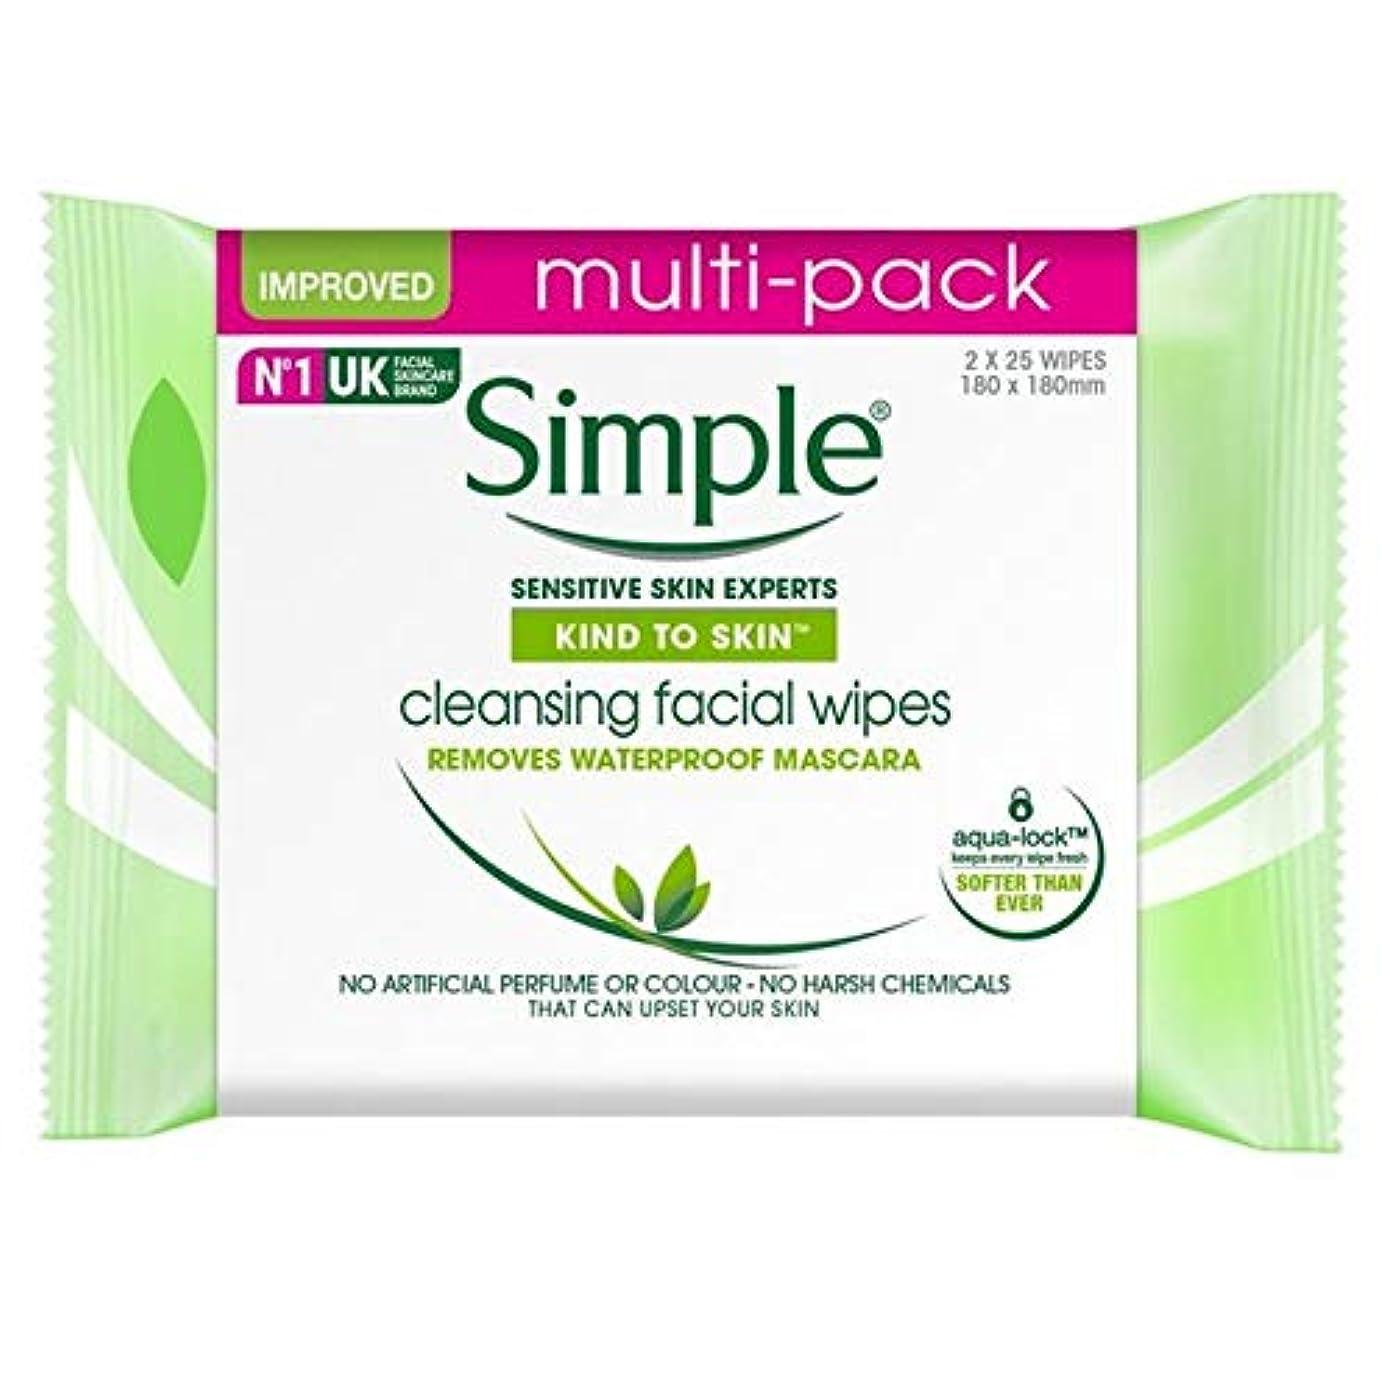 債務者カート若い[Simple ] 肌のクレンジングフェイシャルワイプ2×25パックあたりに簡単な種類 - Simple Kind To Skin Cleansing Facial Wipes 2 x 25 per pack [並行輸入品]